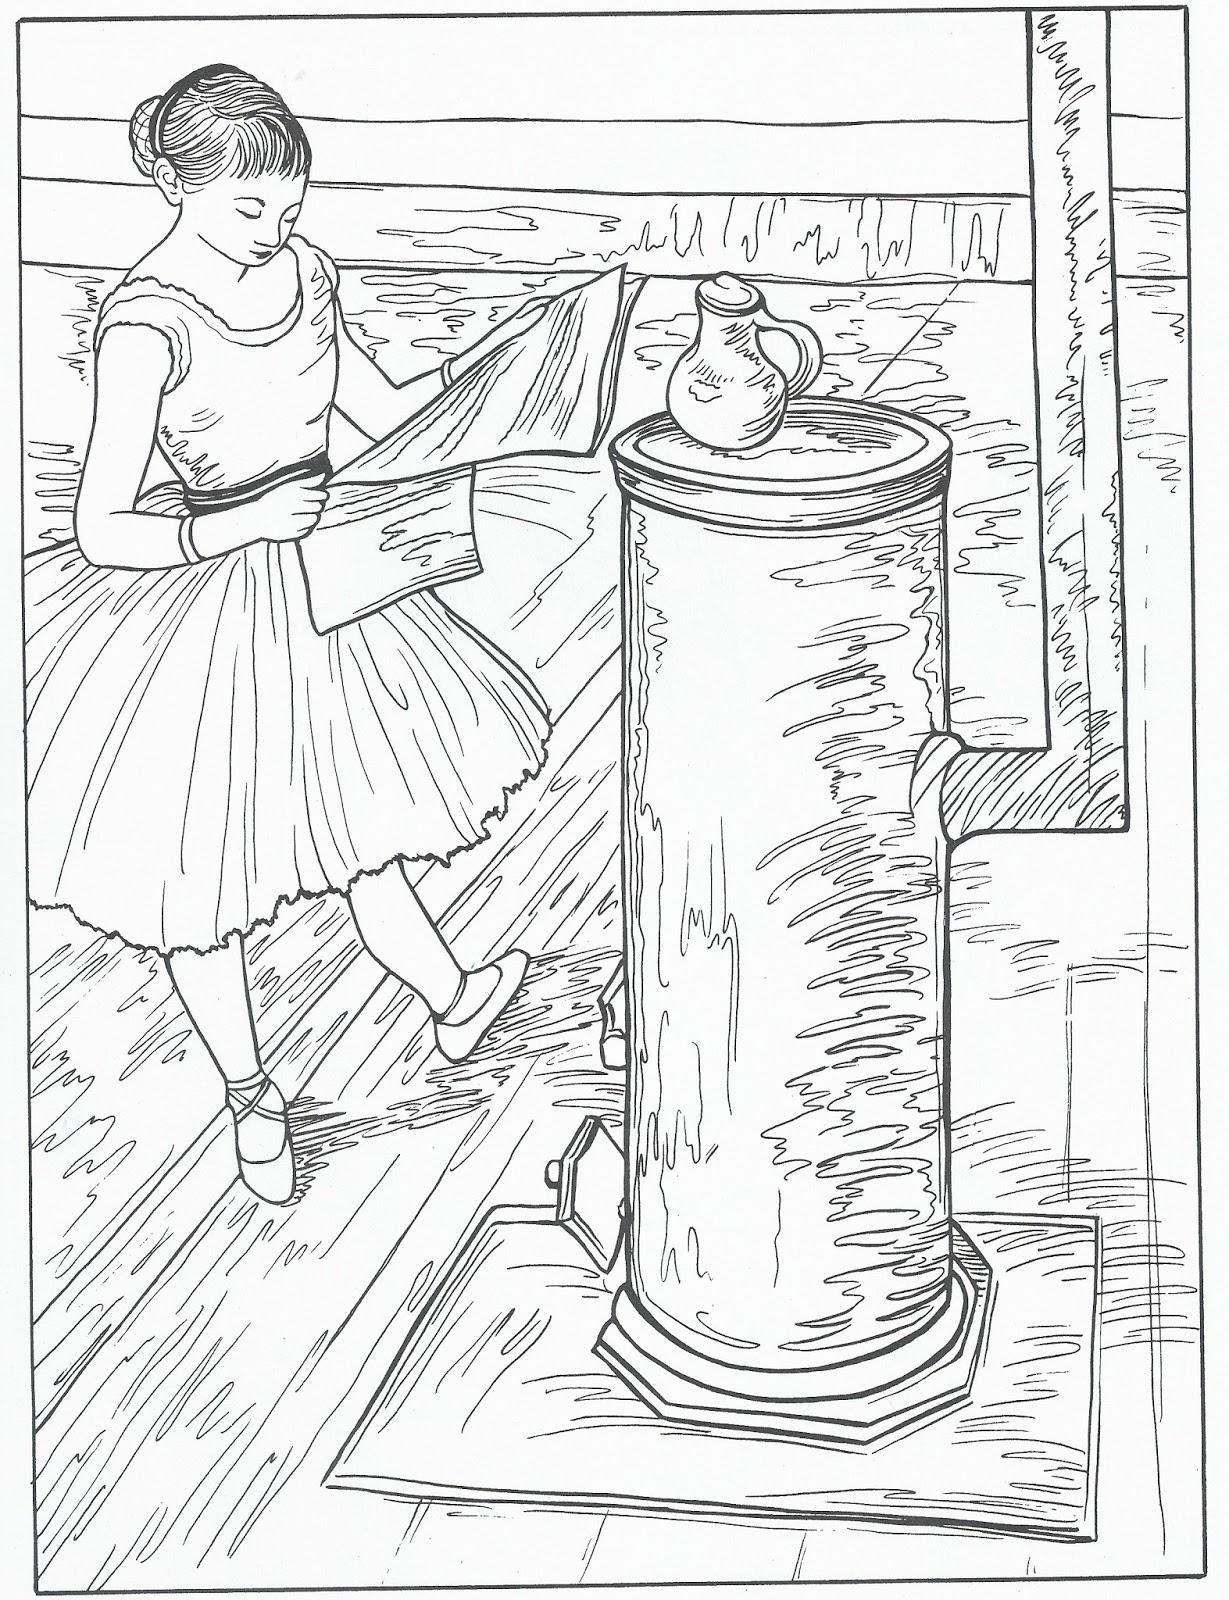 Disegni da colorare disegni da colorare dipinti di degas for Disegni di girasoli da colorare